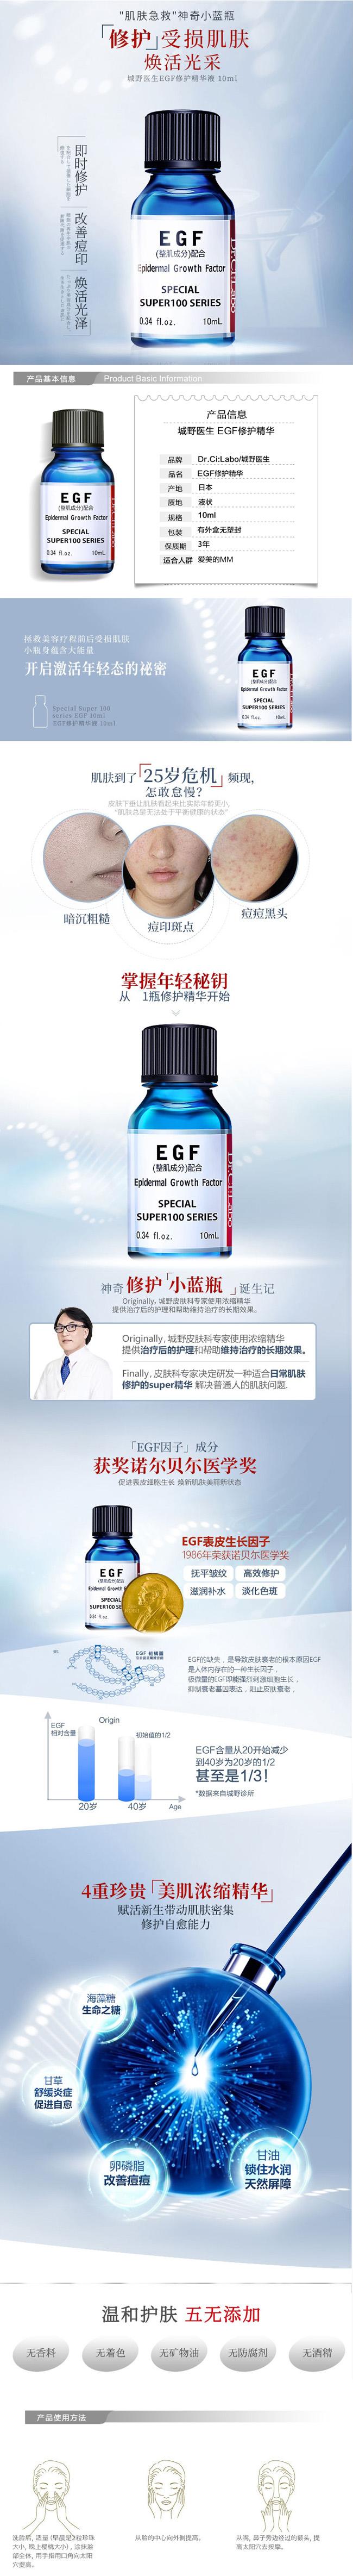 日本城野医生EGF精化液淡化痘印10ML-1.jpg